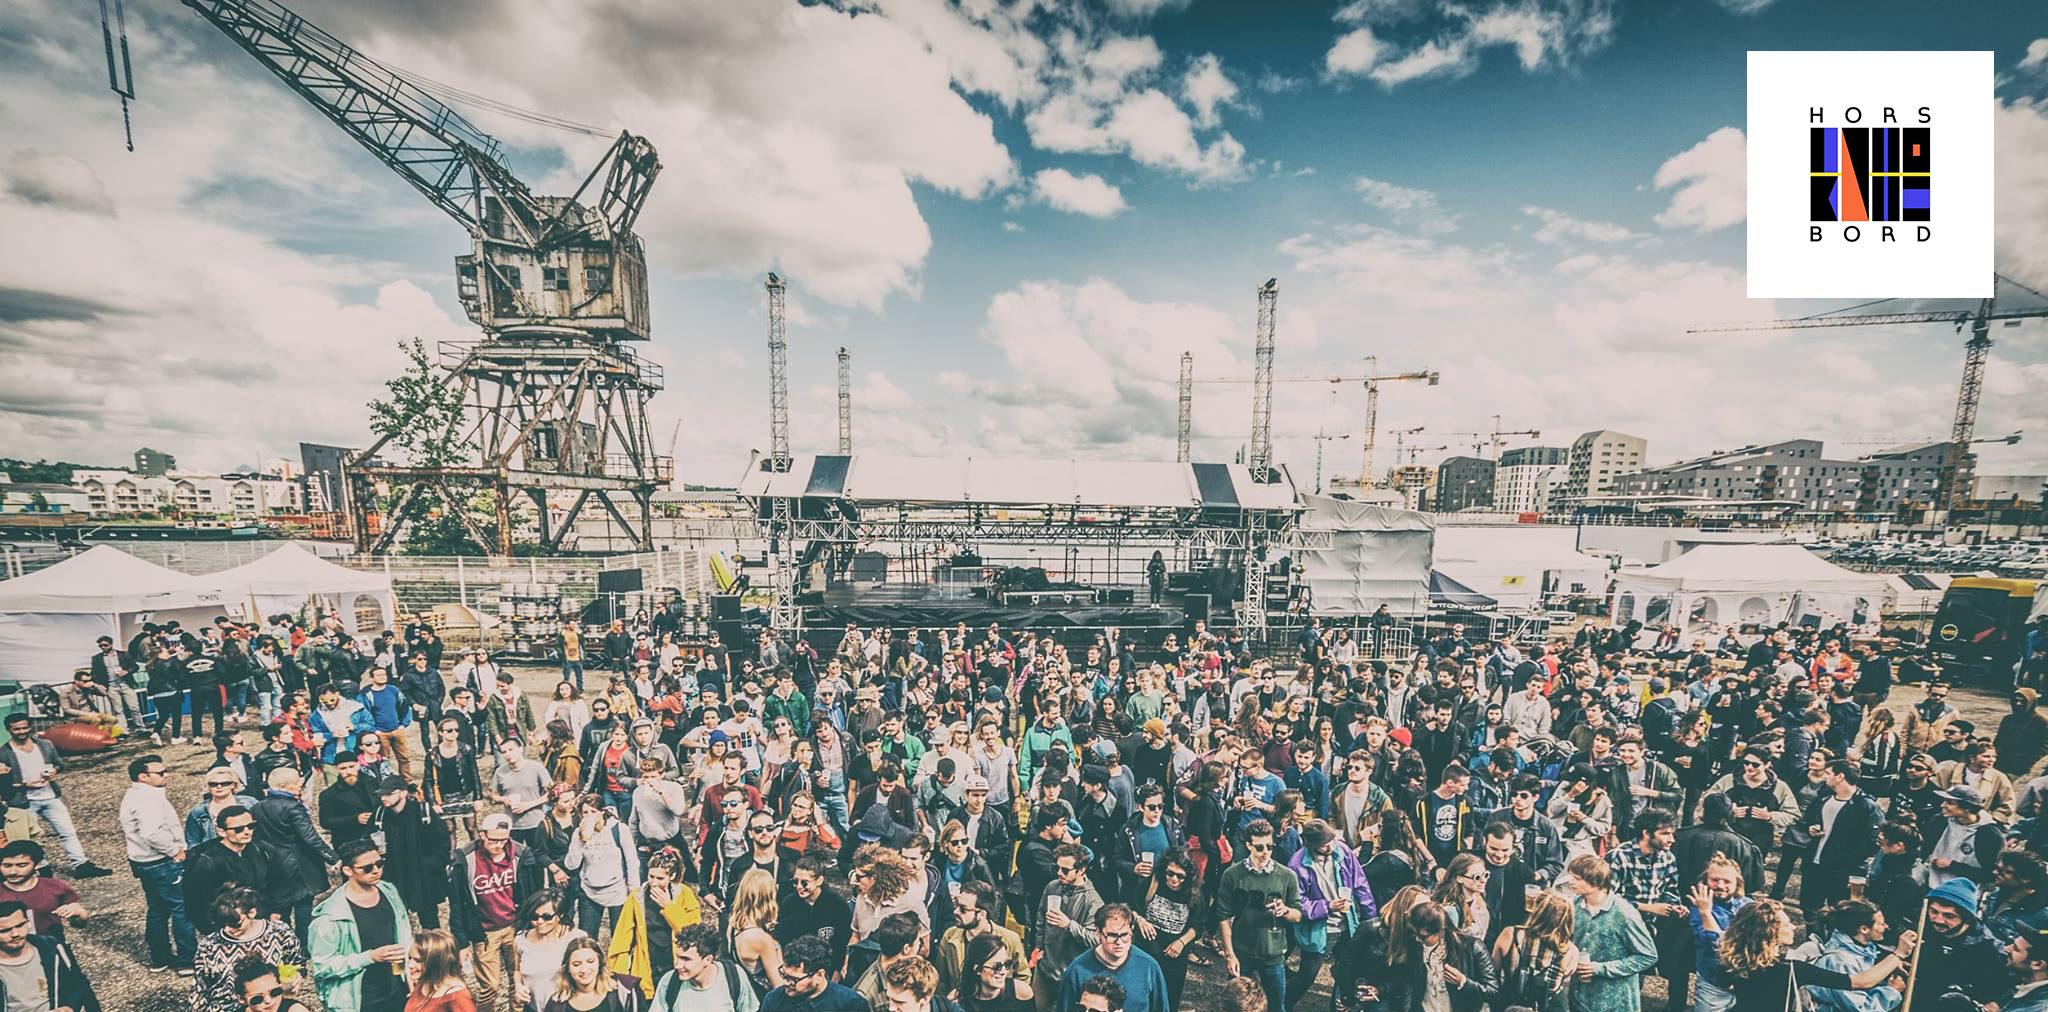 HORS BORD • Découvrez la programmation 2017 du festival